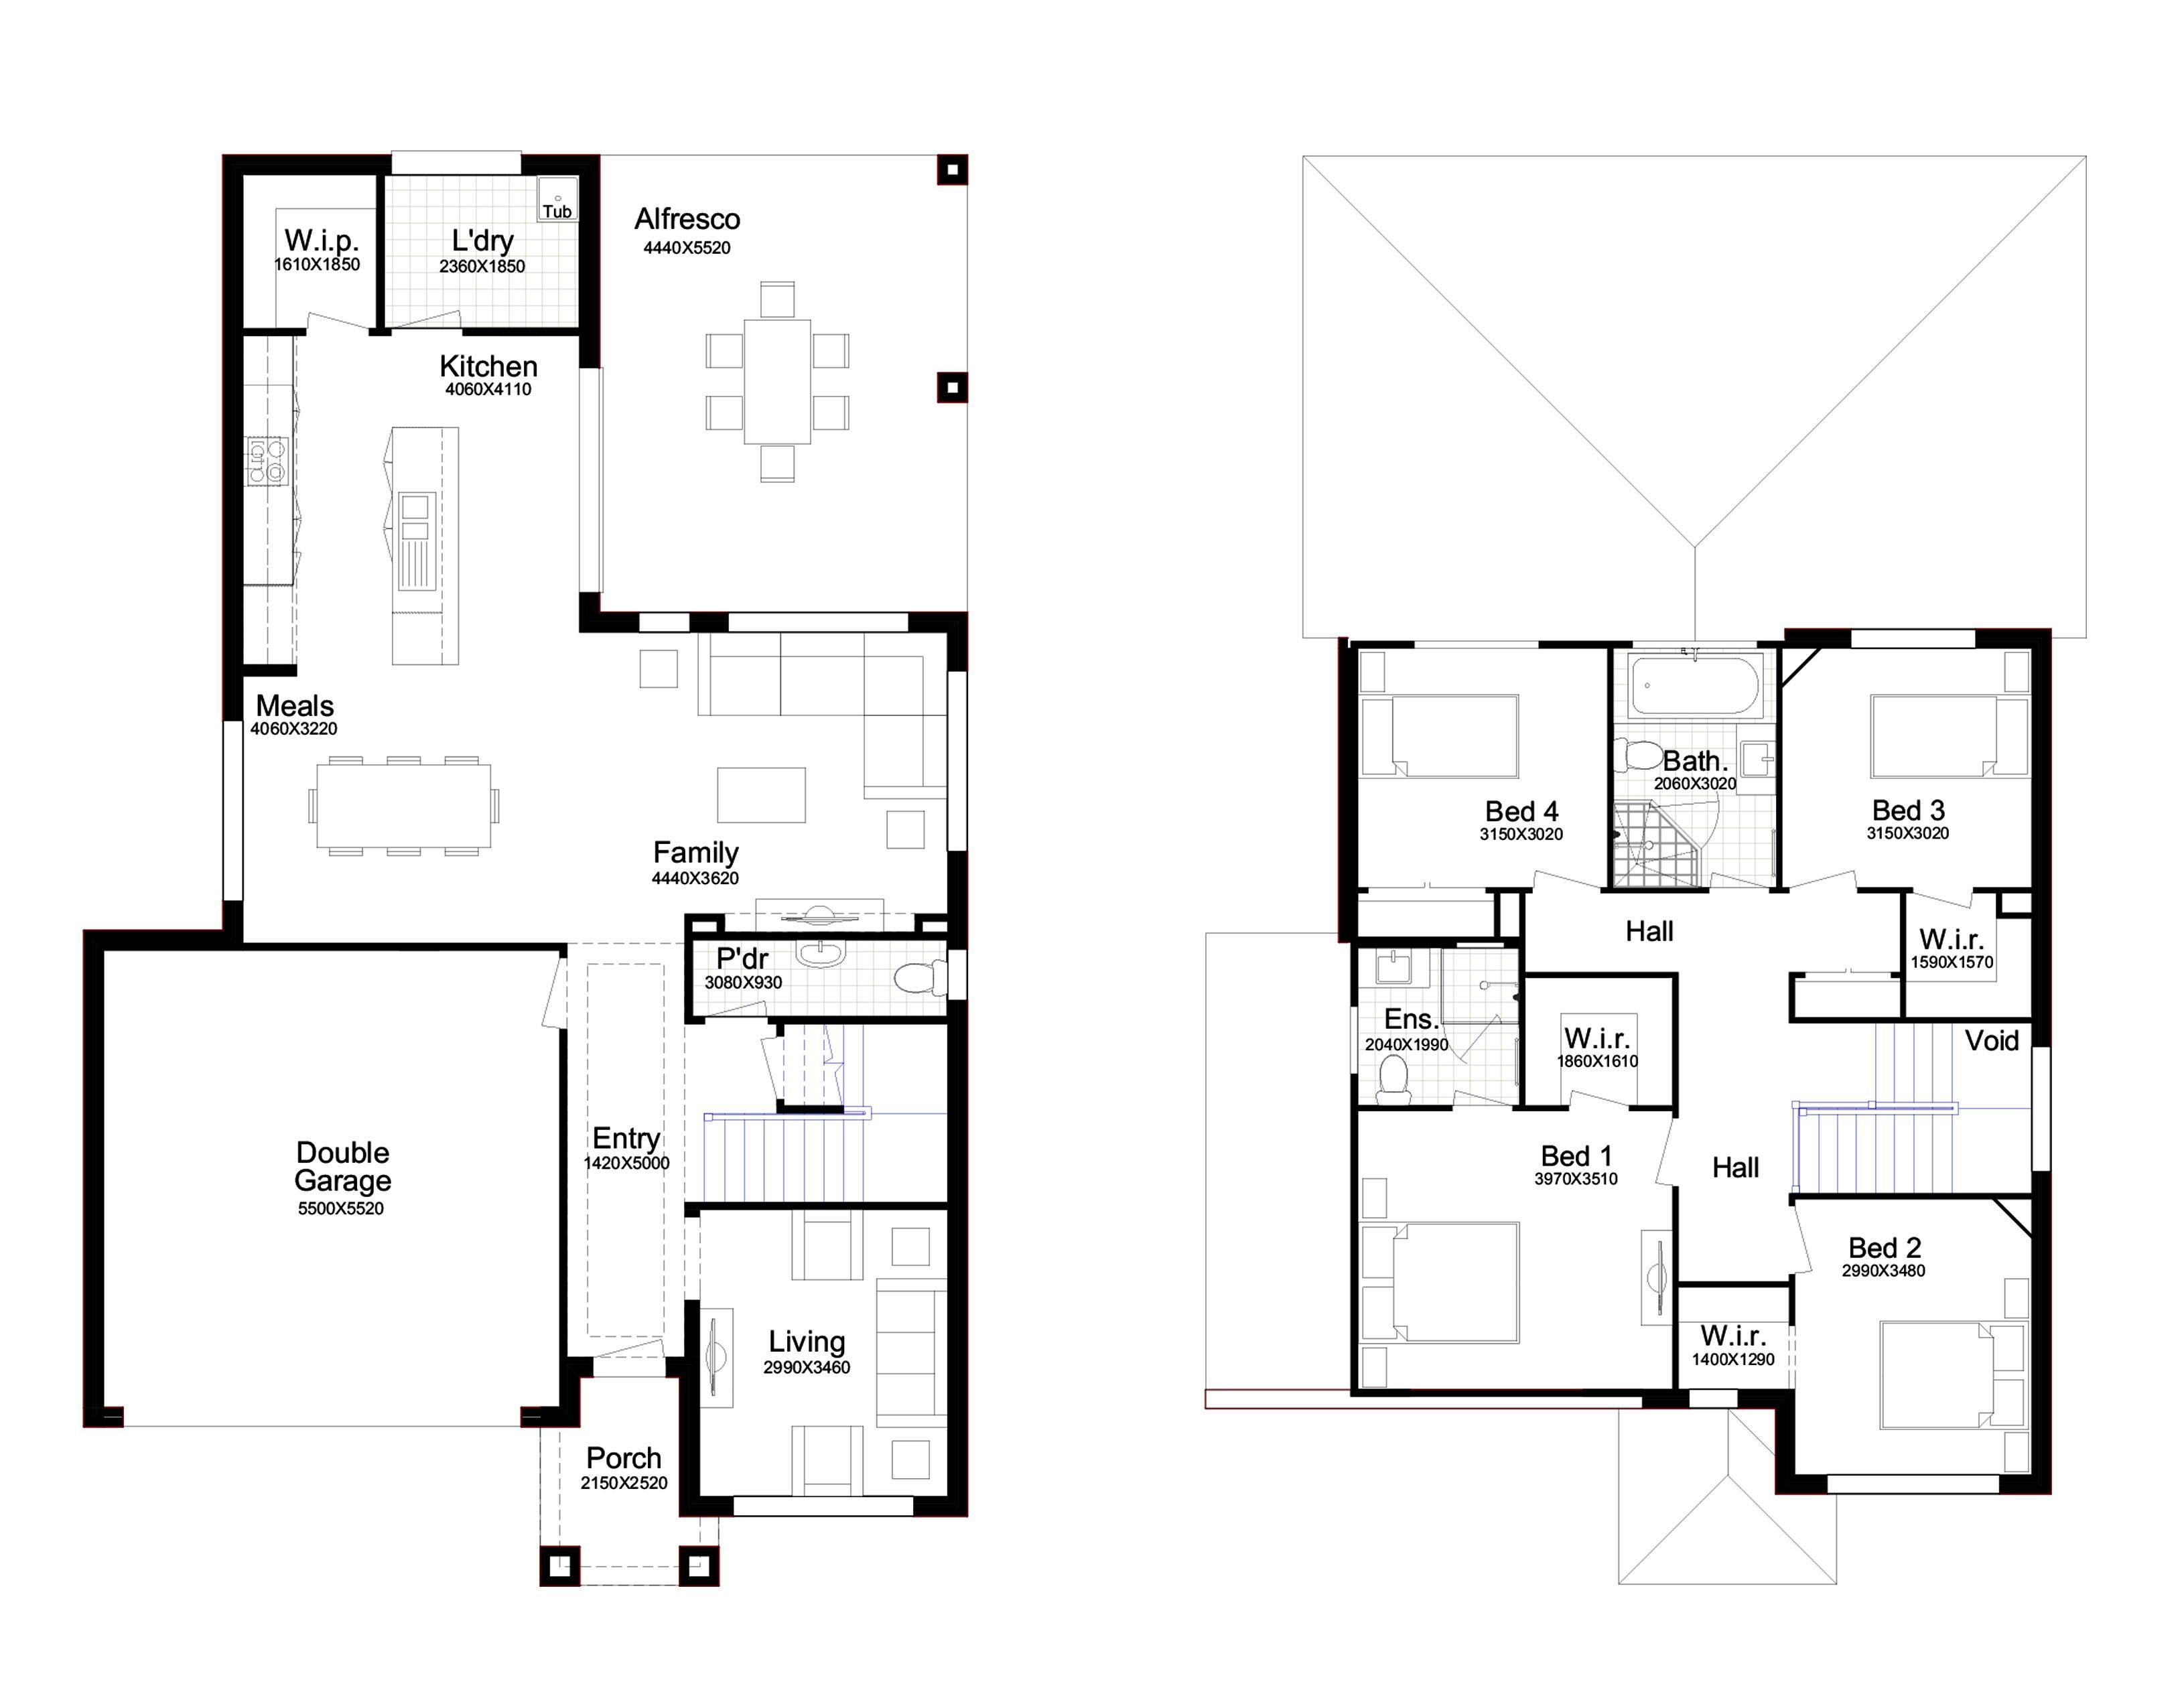 floor plan for belle view 26 blue print in 2019 house plans rh pinterest com